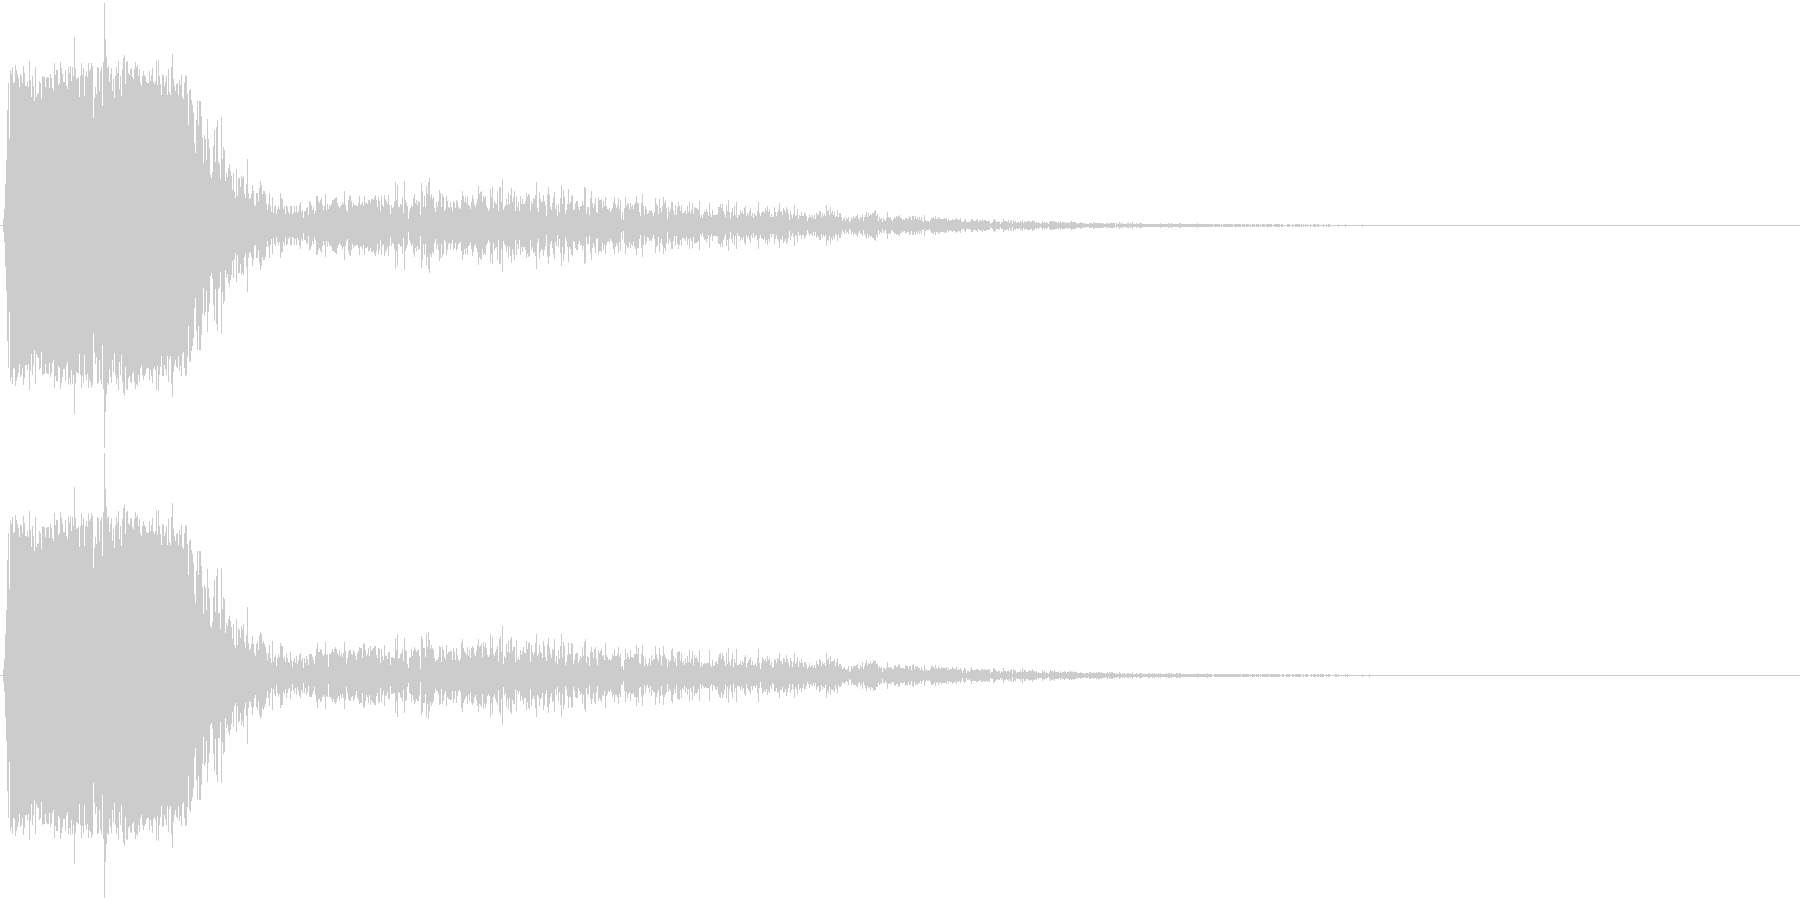 KAKUGE 格闘ゲーム戦闘音 60の未再生の波形